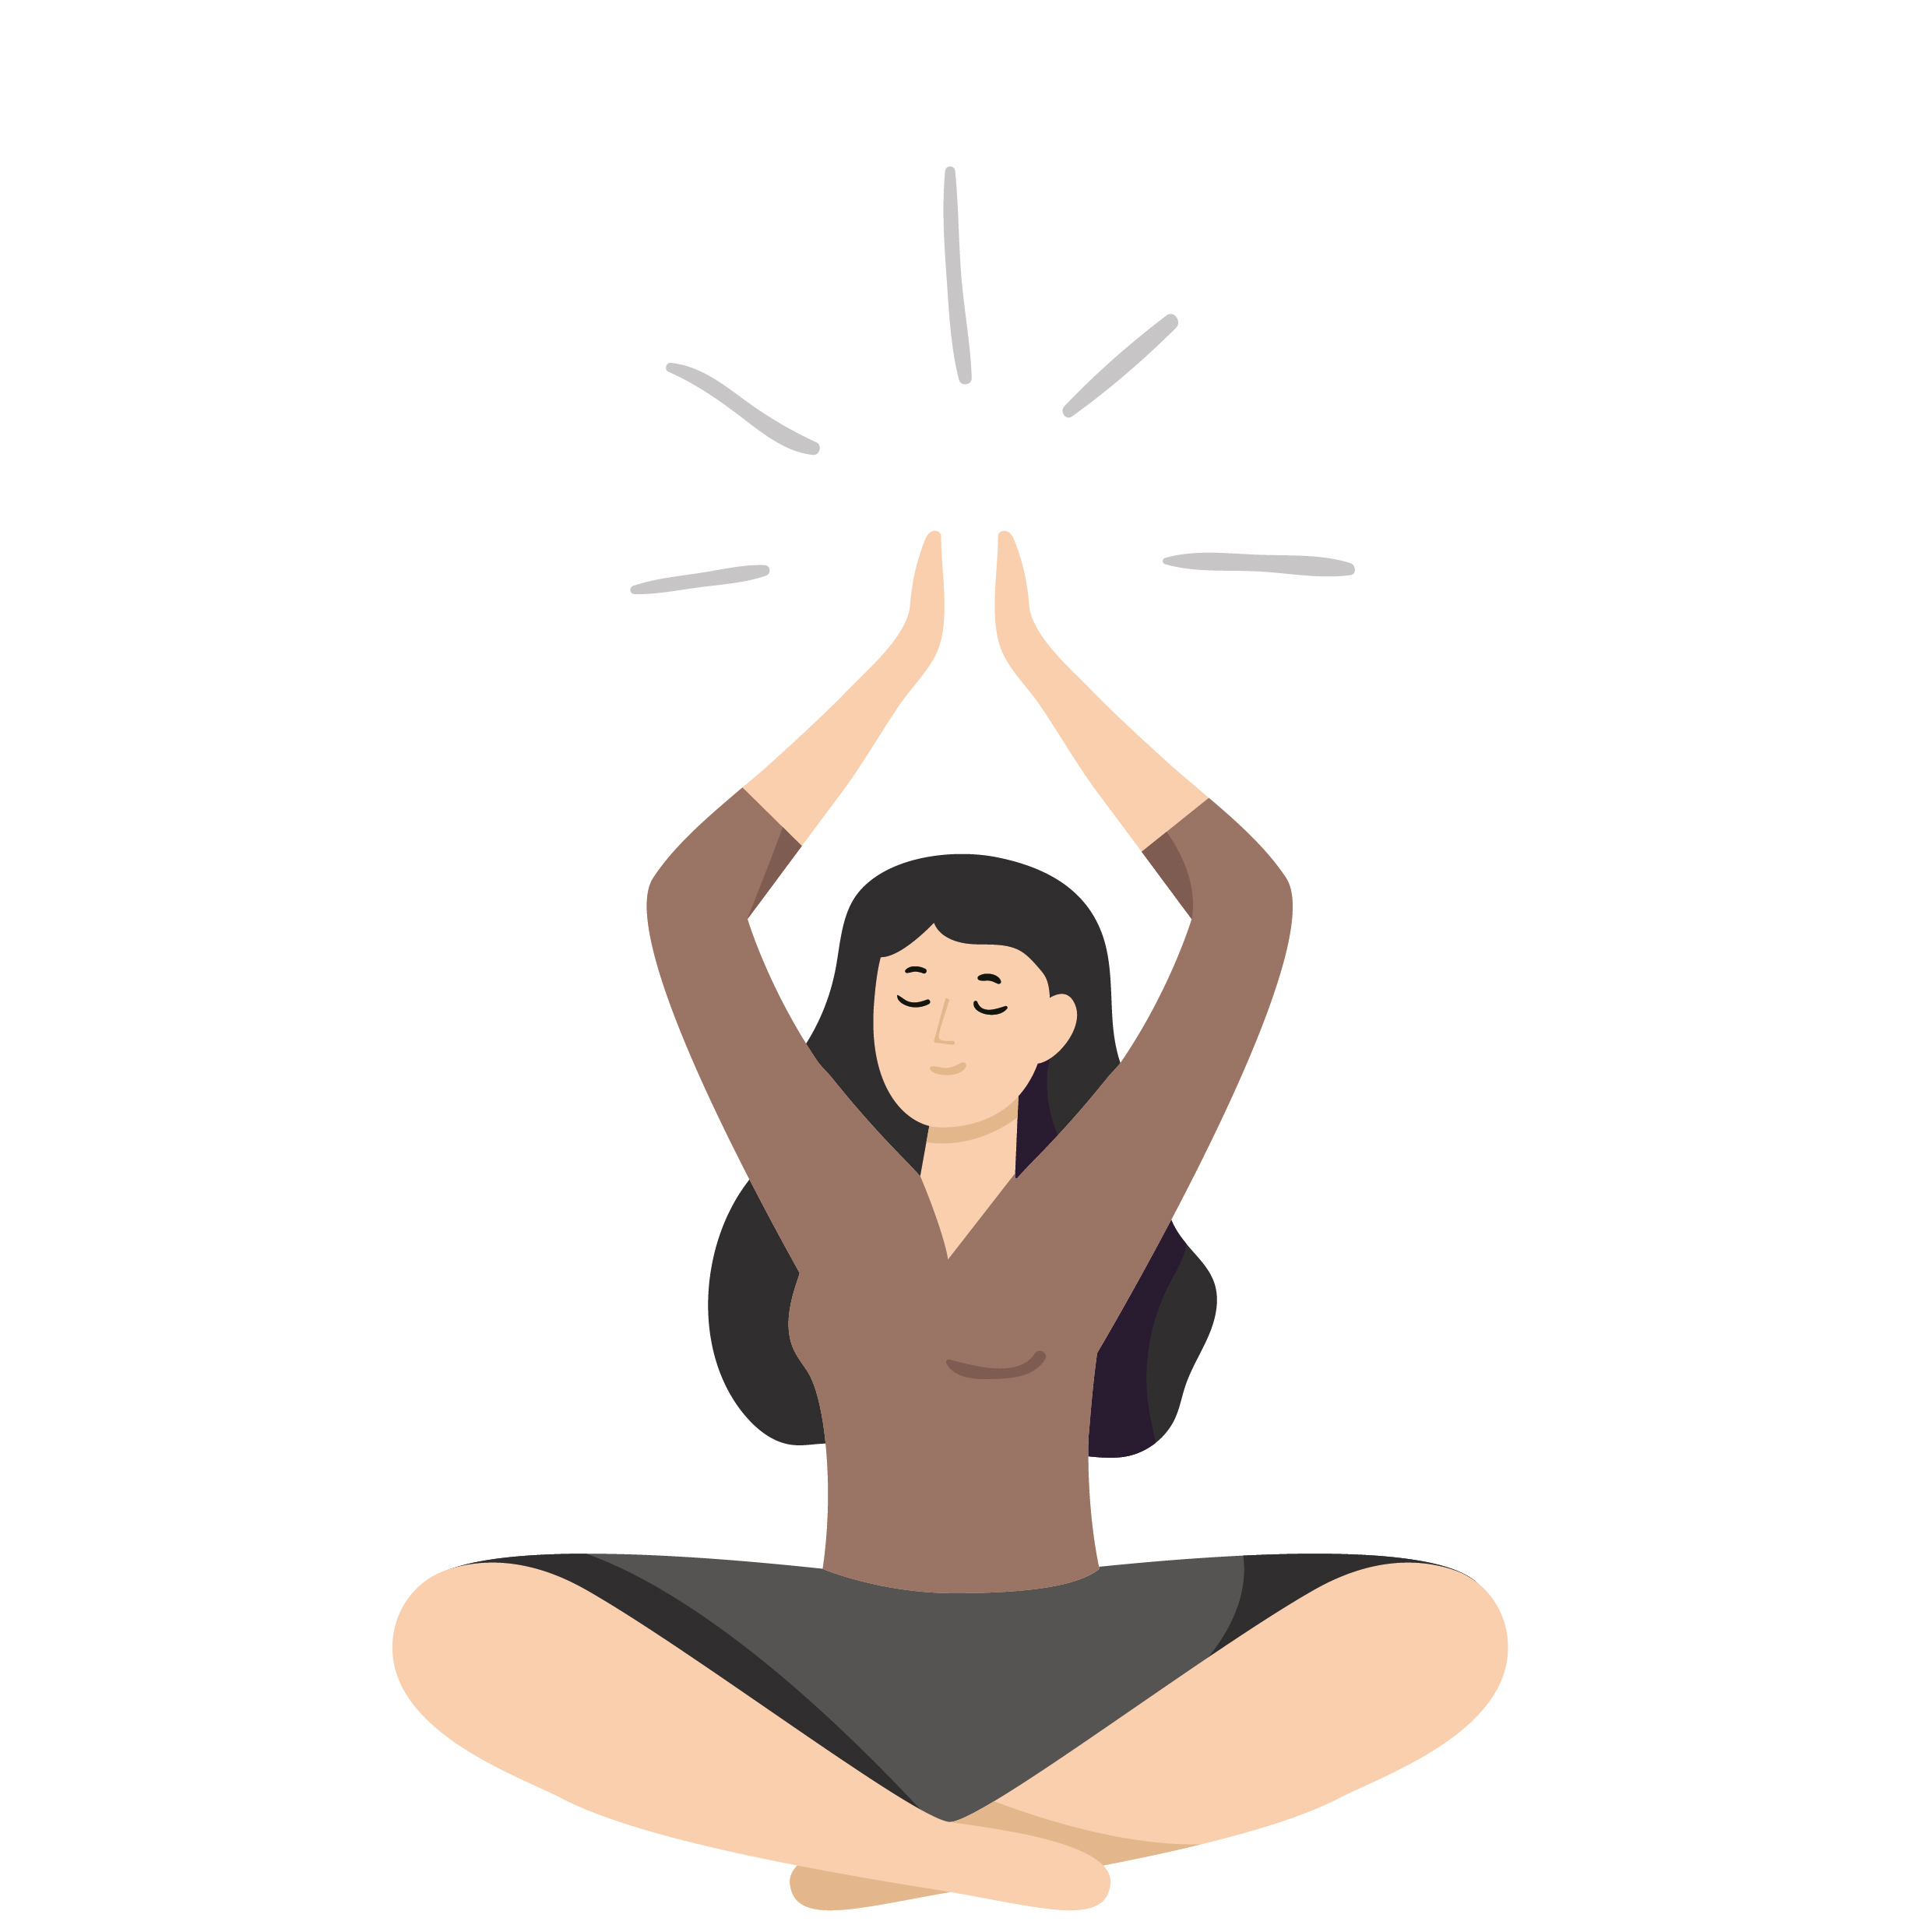 Chirohouse Chiropraktiker Berlin und Berlin-Mitte. www.chirohouse.de Neuigkeiten lesen: Yoga und Sporttherapie helfen gegen chronischen Kreuzschmerz. Regelmäßig praktiziert bringt Linderung.